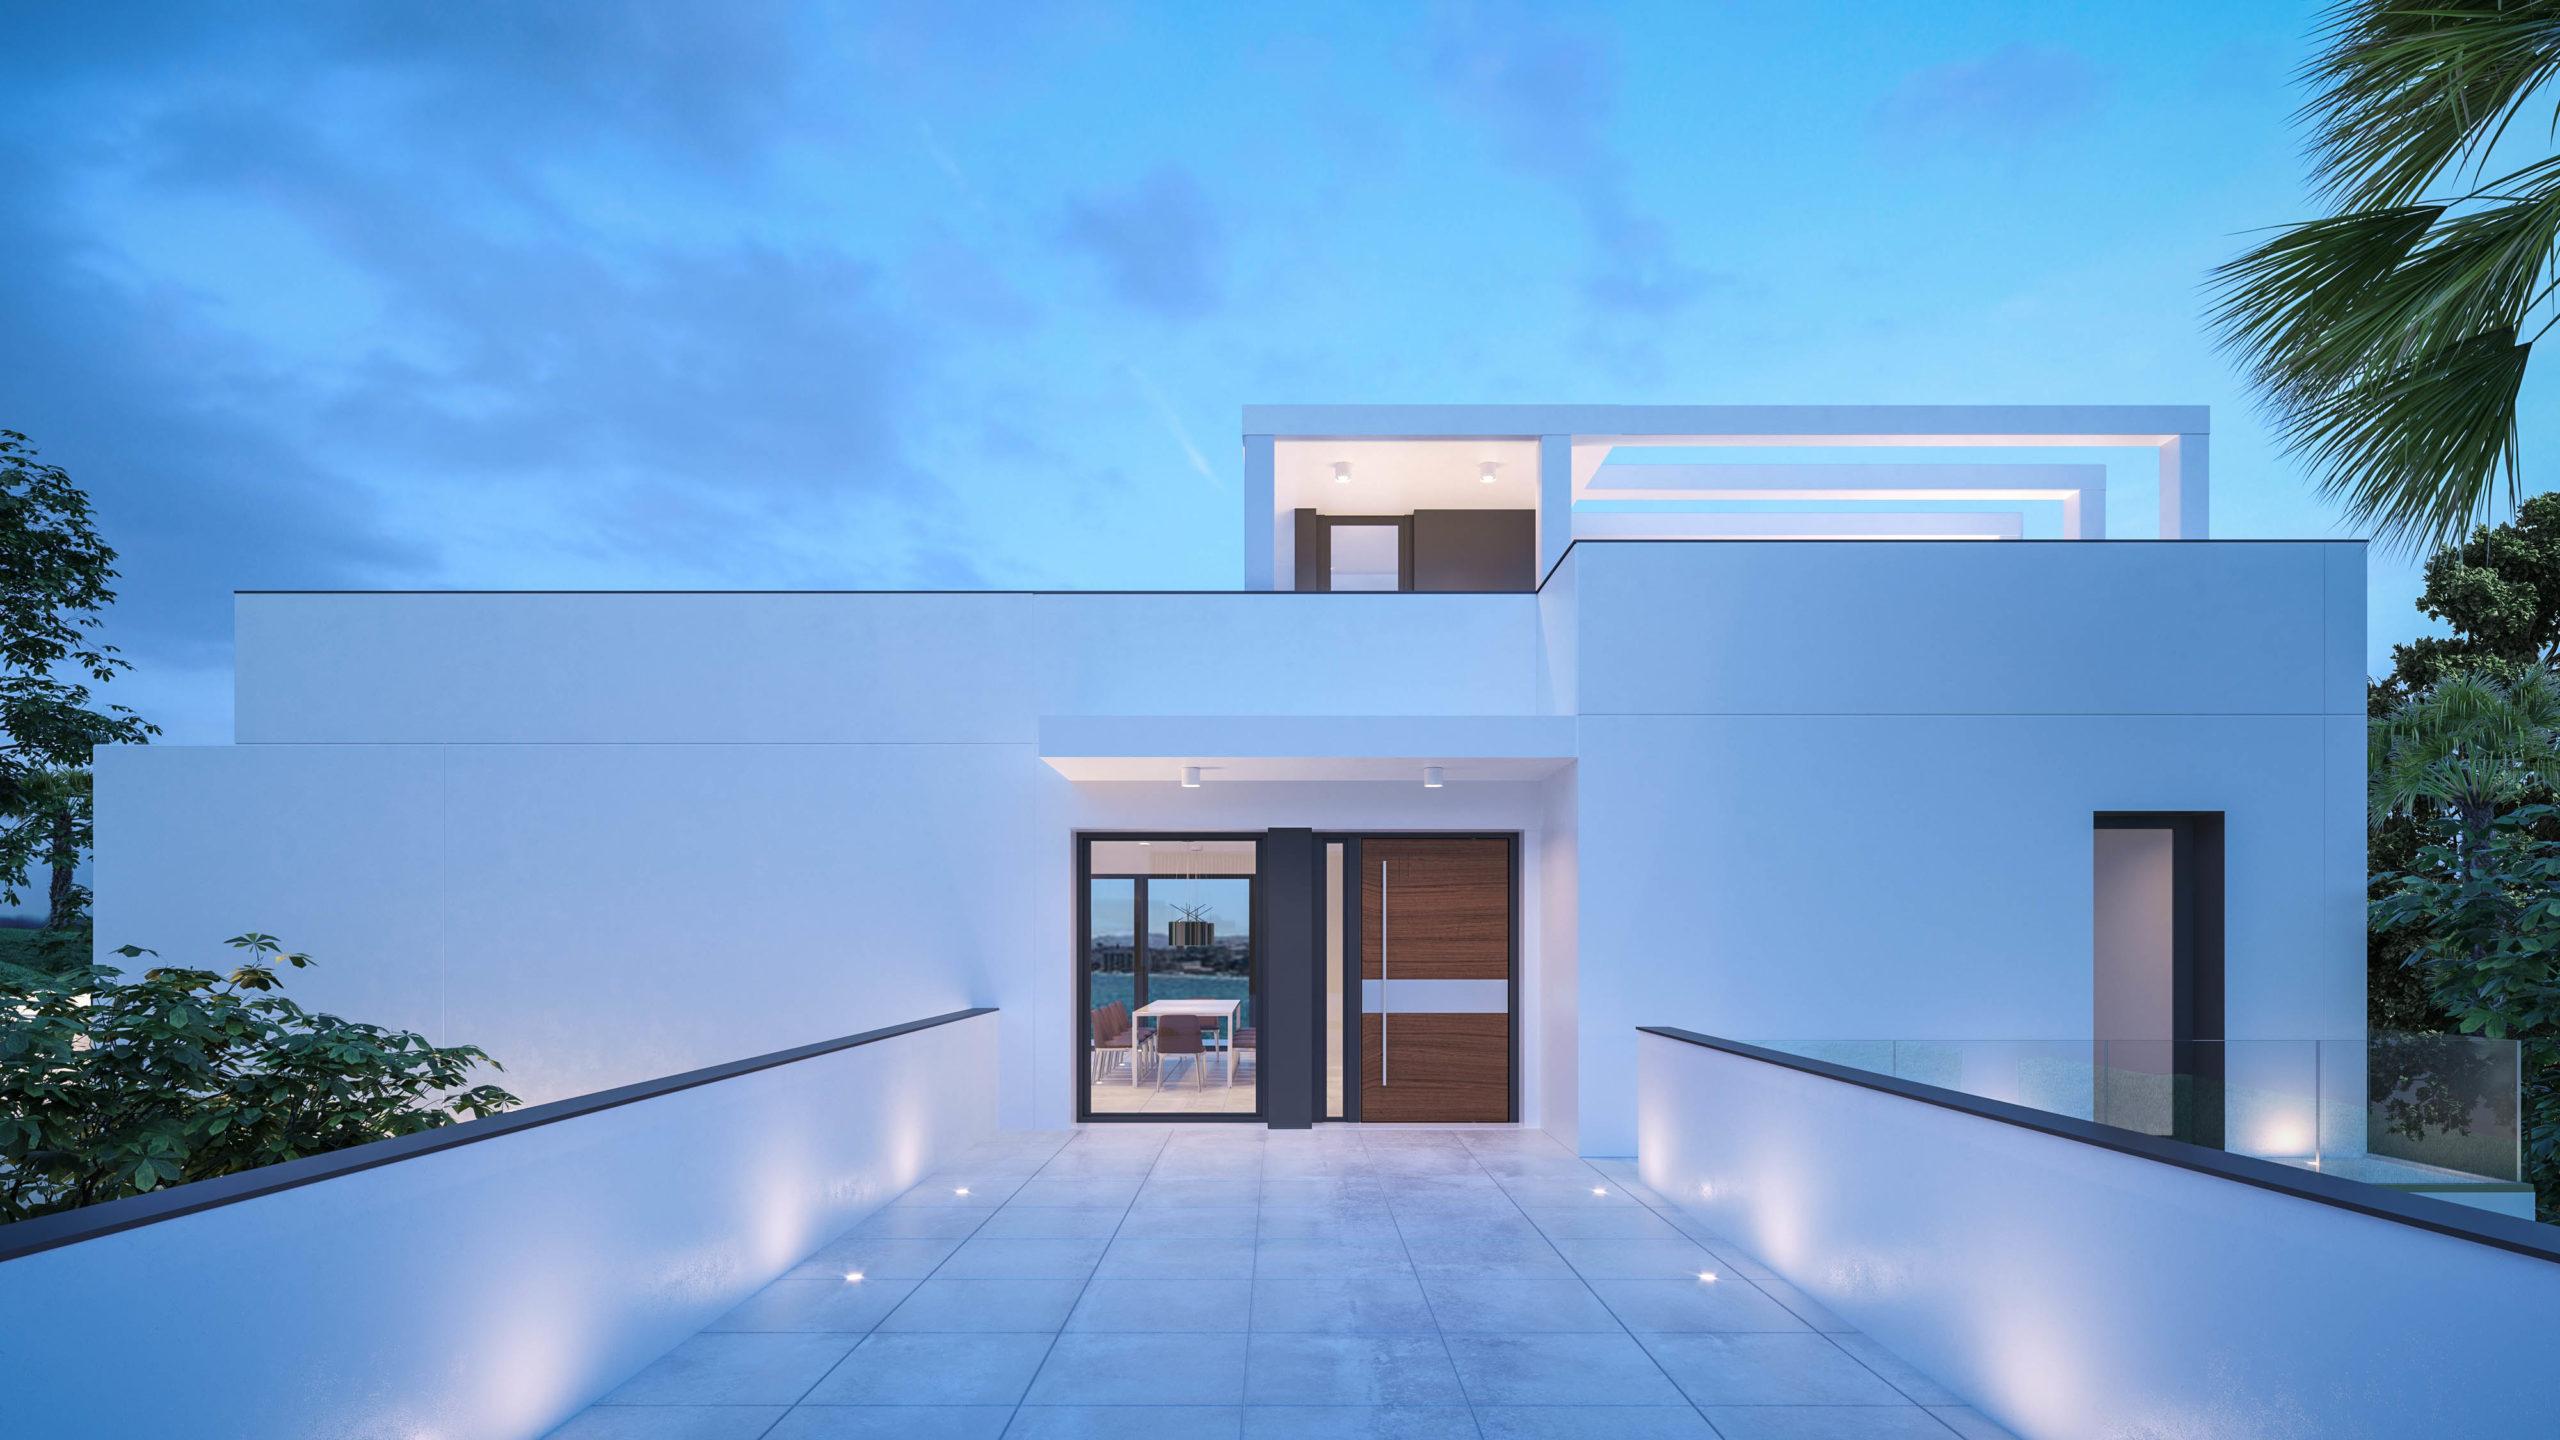 avec des lignes épurées et fines et de grandes fenêtres.  Villa spectaculaire dans l'urbanisation Santa Monica de Benalmadena Villa spectaculaire dans l'urbanisation Santa Monica de Benalmadena 